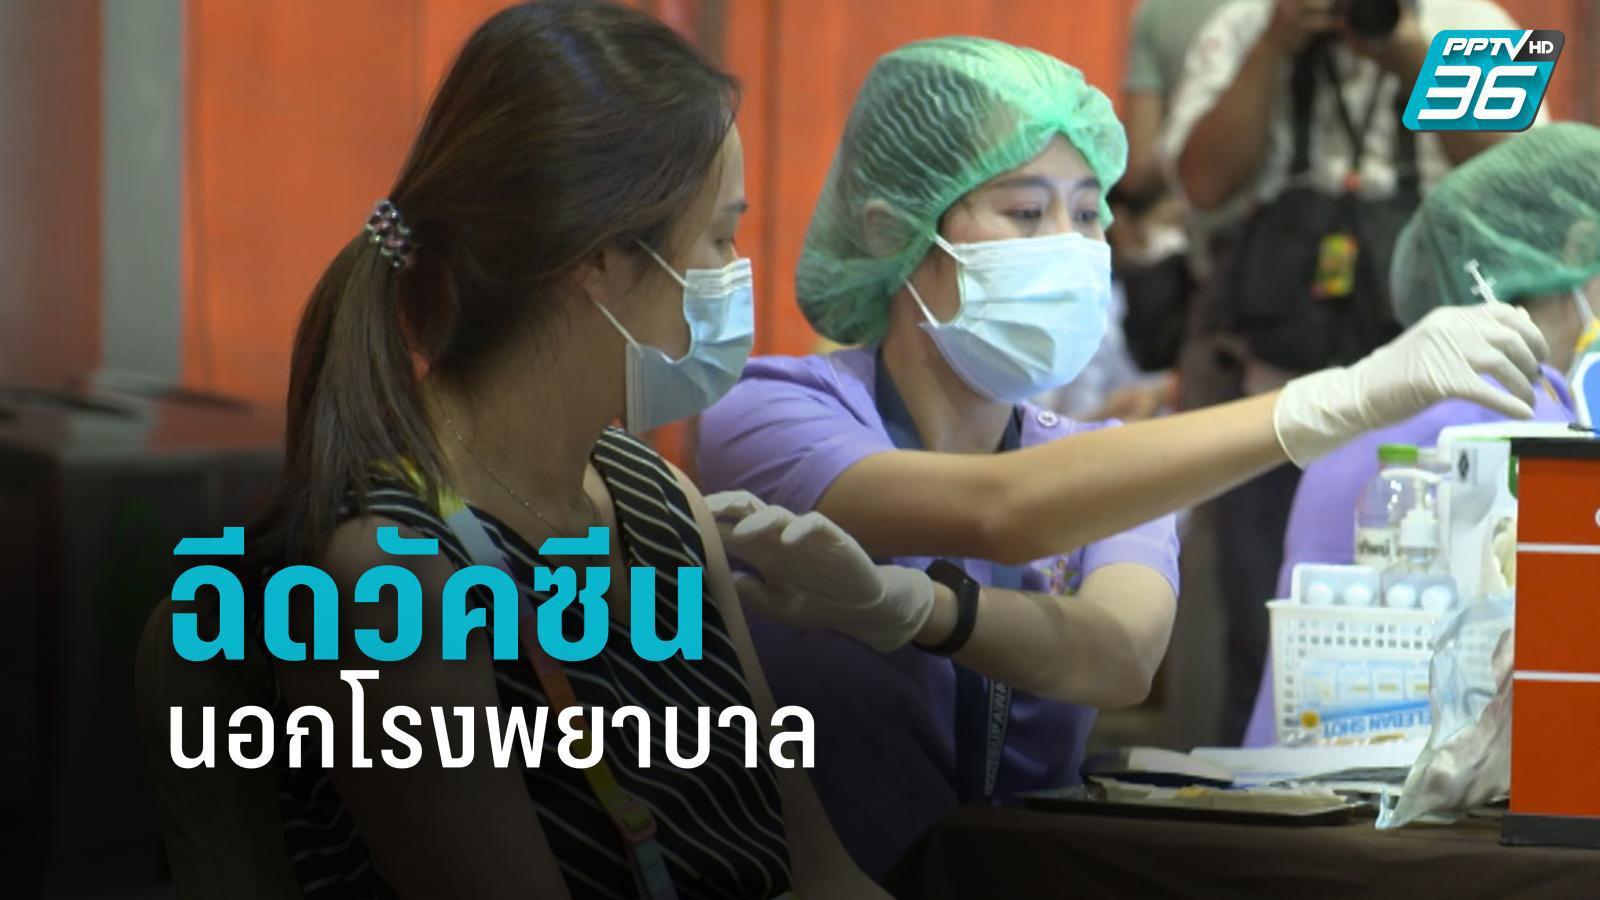 ภาคเอกชน ประสานช่วยฉีดวัคซีน นอกโรงพยาบาล